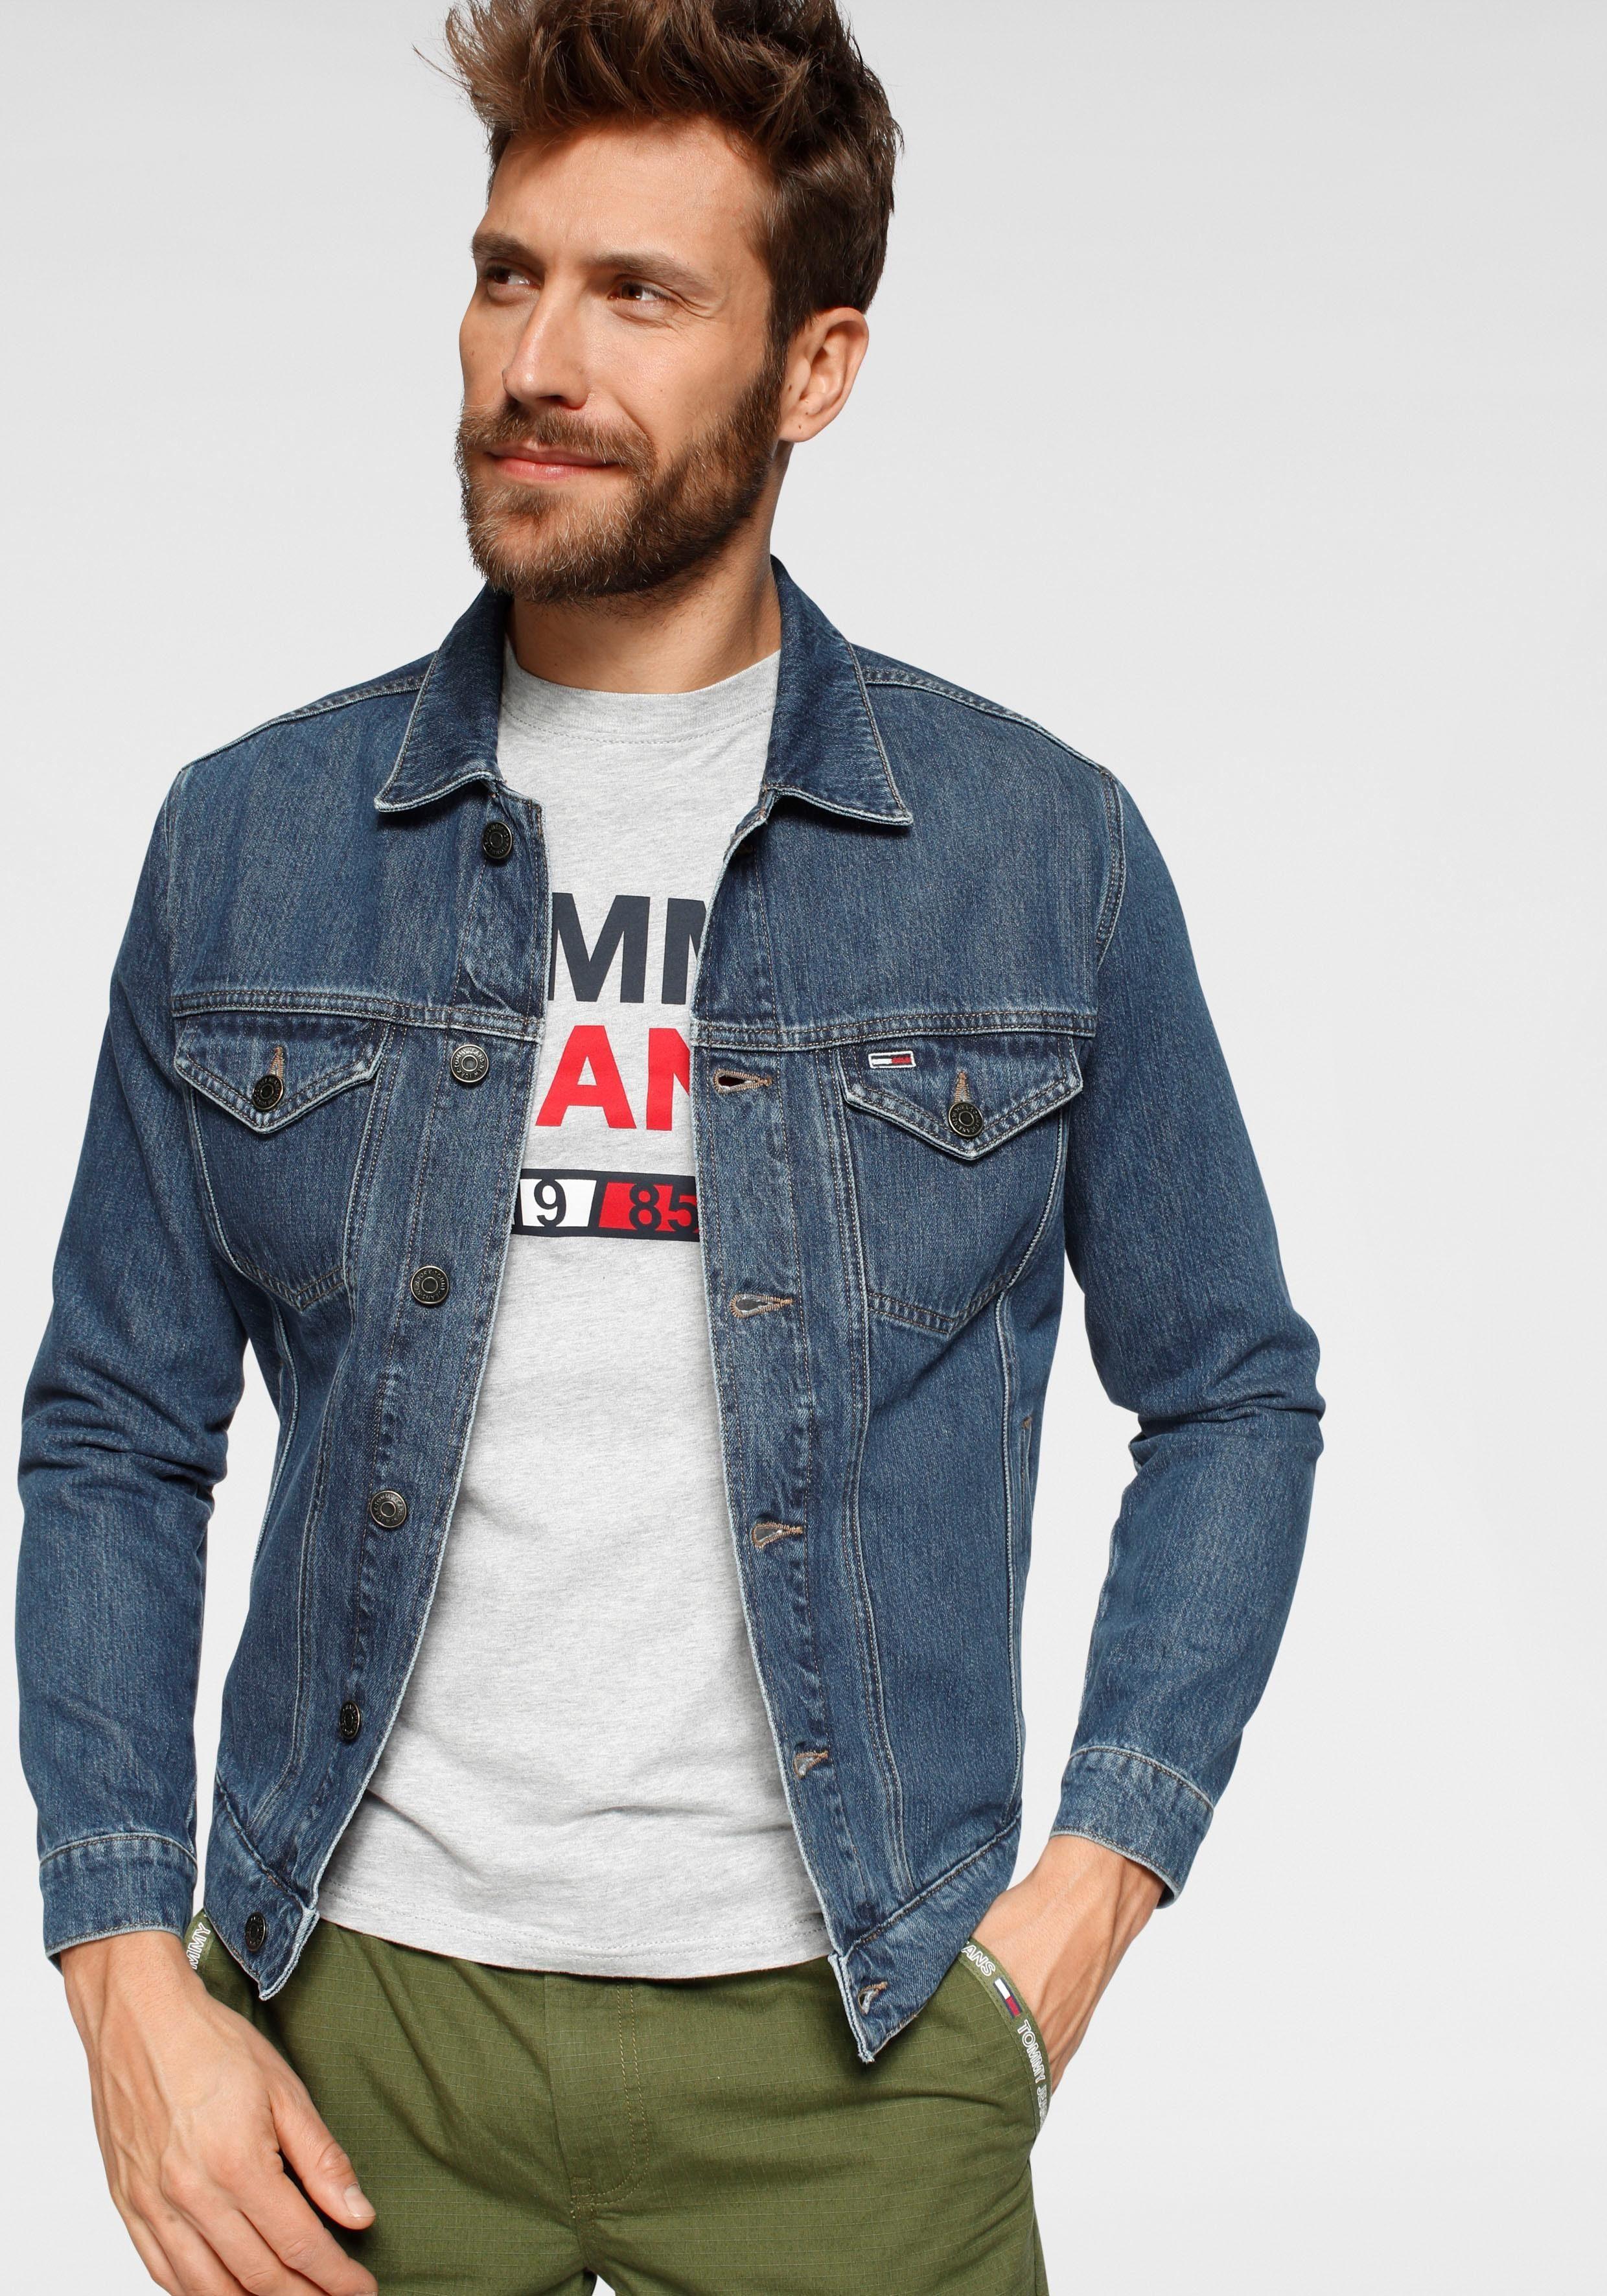 TOMMY JEANS Jeansjacke REGULAR TRUCKER JACKET | Bekleidung > Jacken > Jeansjacken | Tommy Jeans